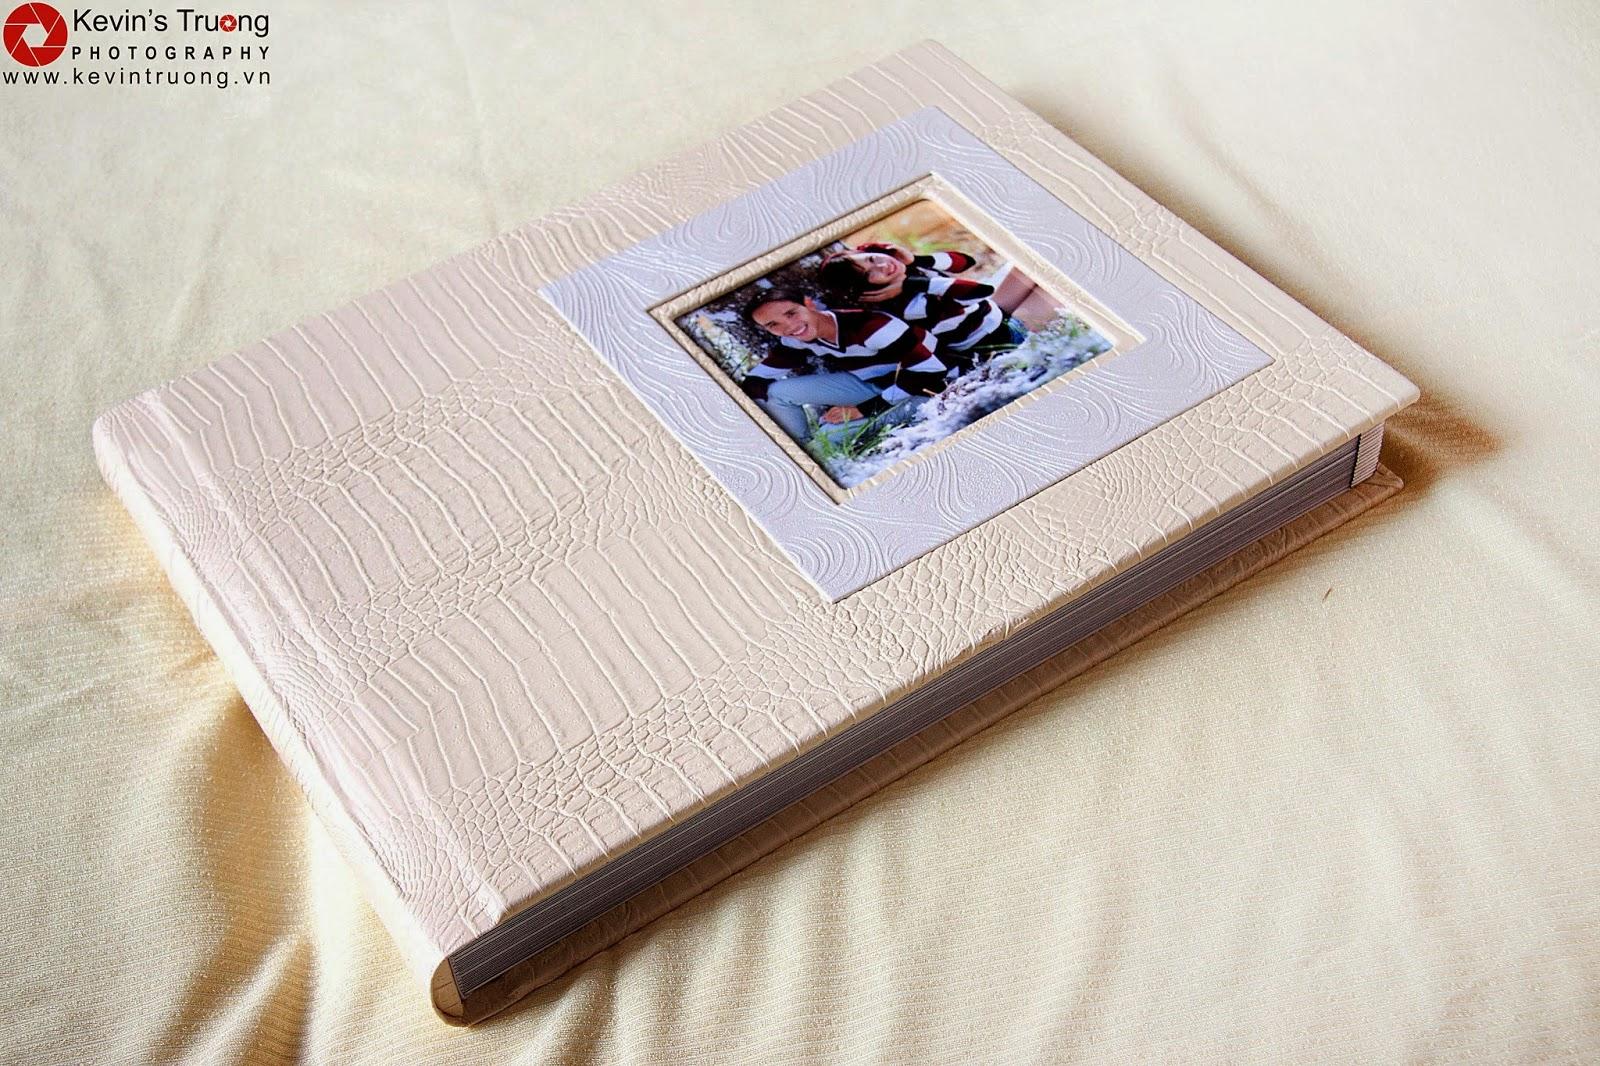 Gia Công-In Album Cát Kim Tuyến-Album 3D,Photobook,Ép gỗ các loại - 3